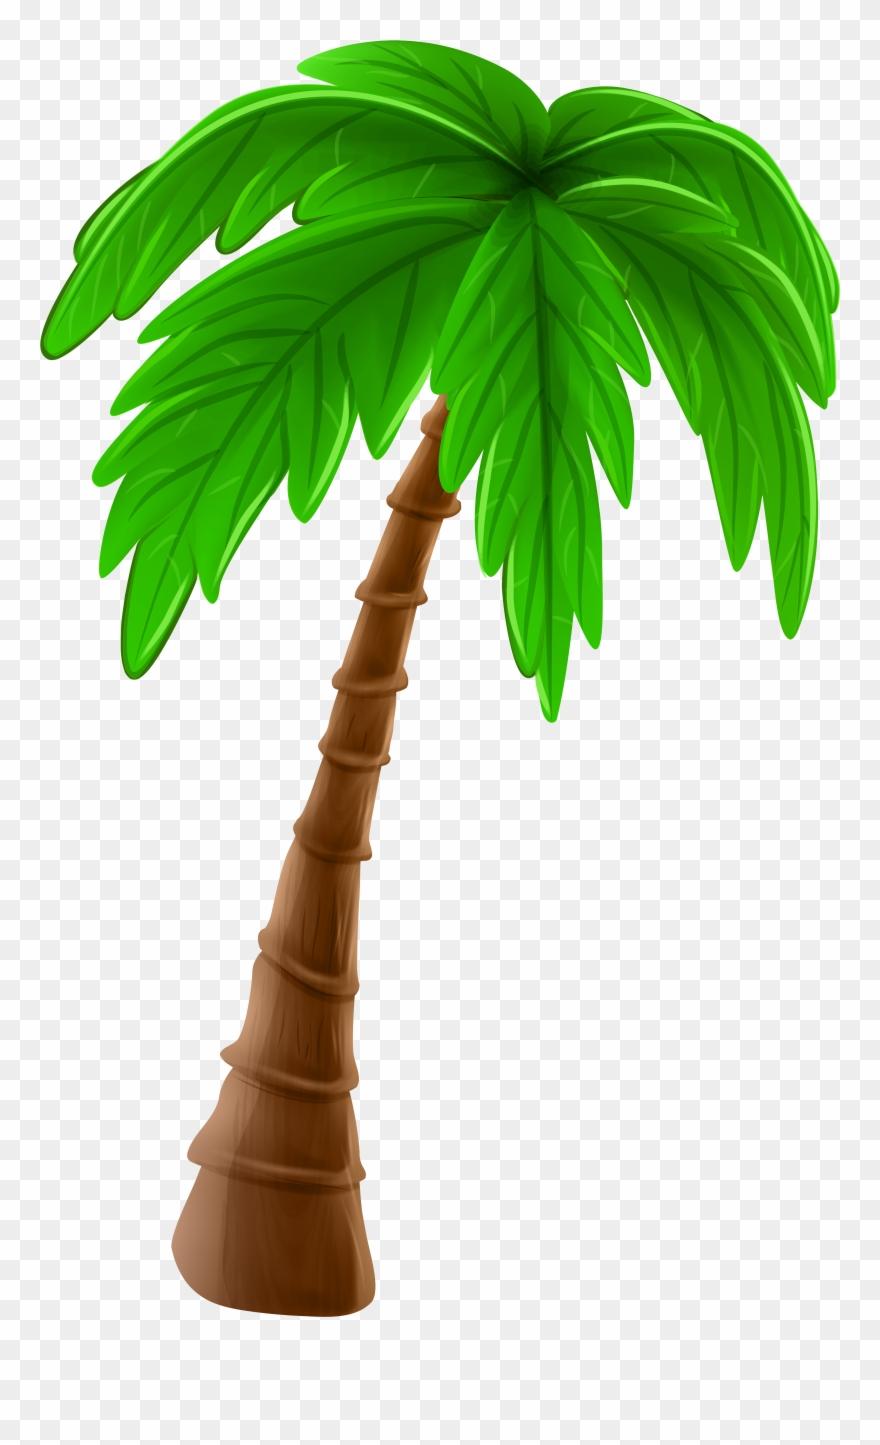 Free To Use Public Domain Palm Tree Clip Art Coconut Tree